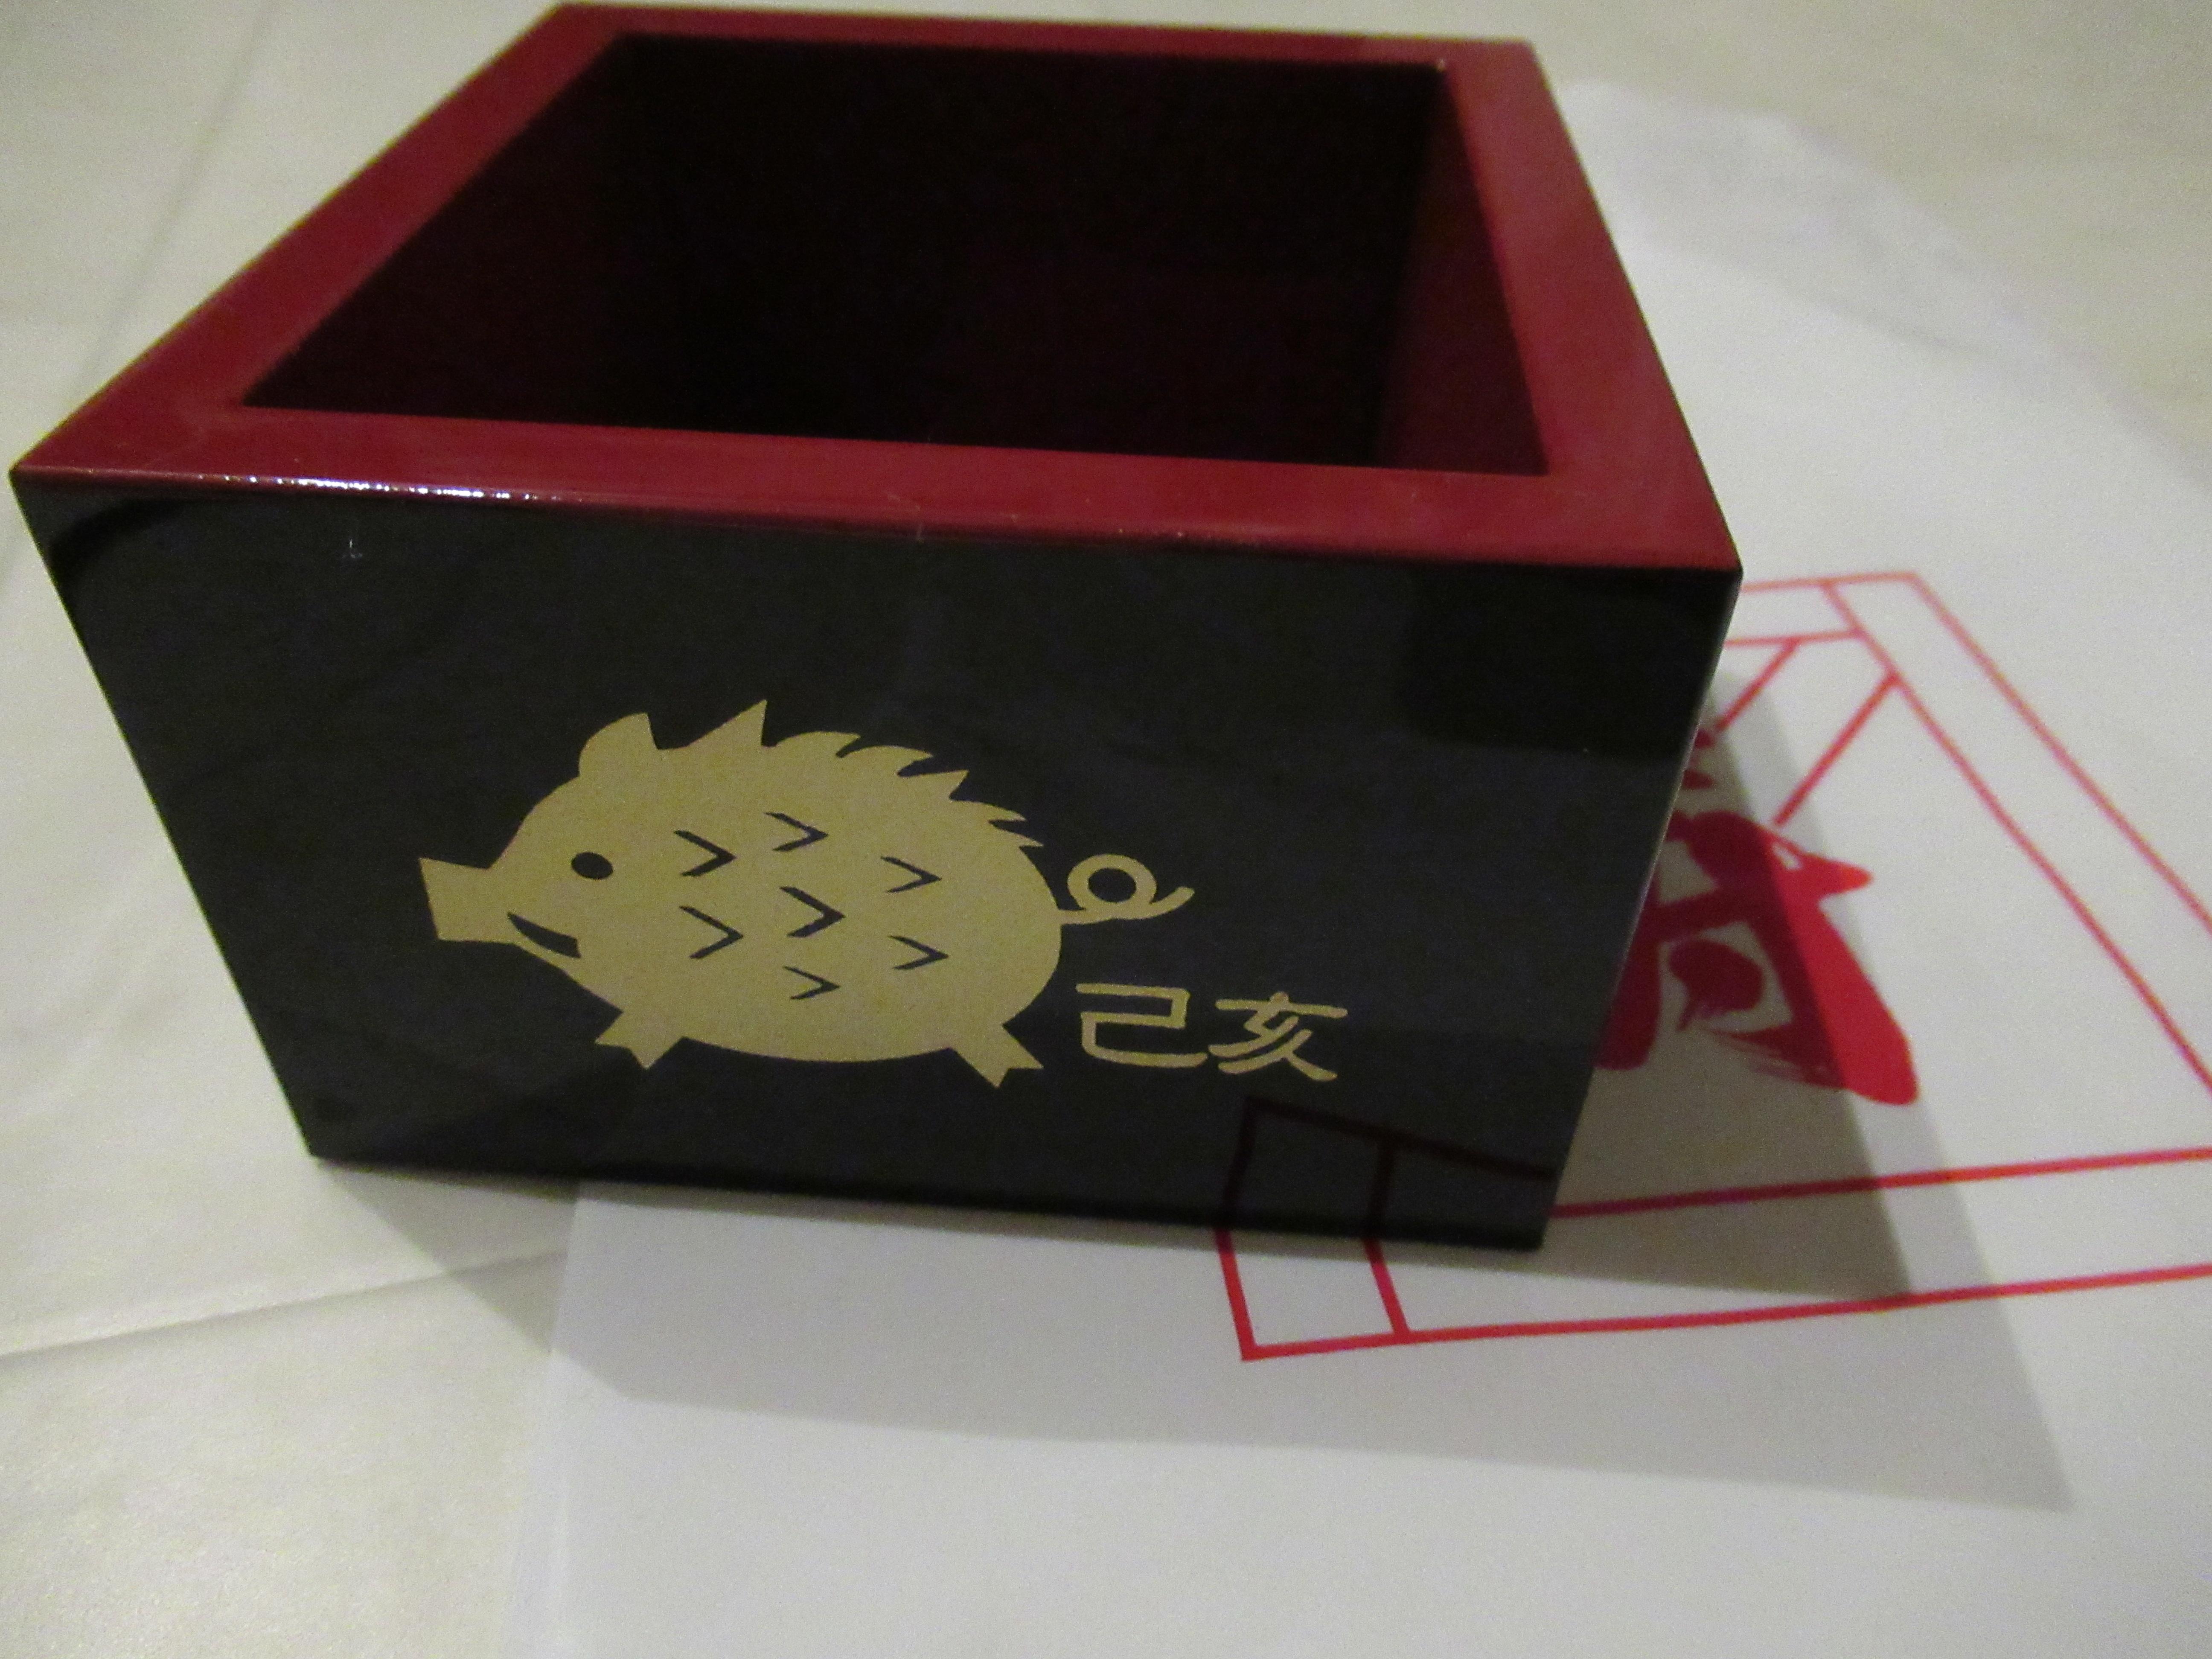 弓弦羽神社の初詣|塗升の配布の混雑具合と配布場所をレビュー